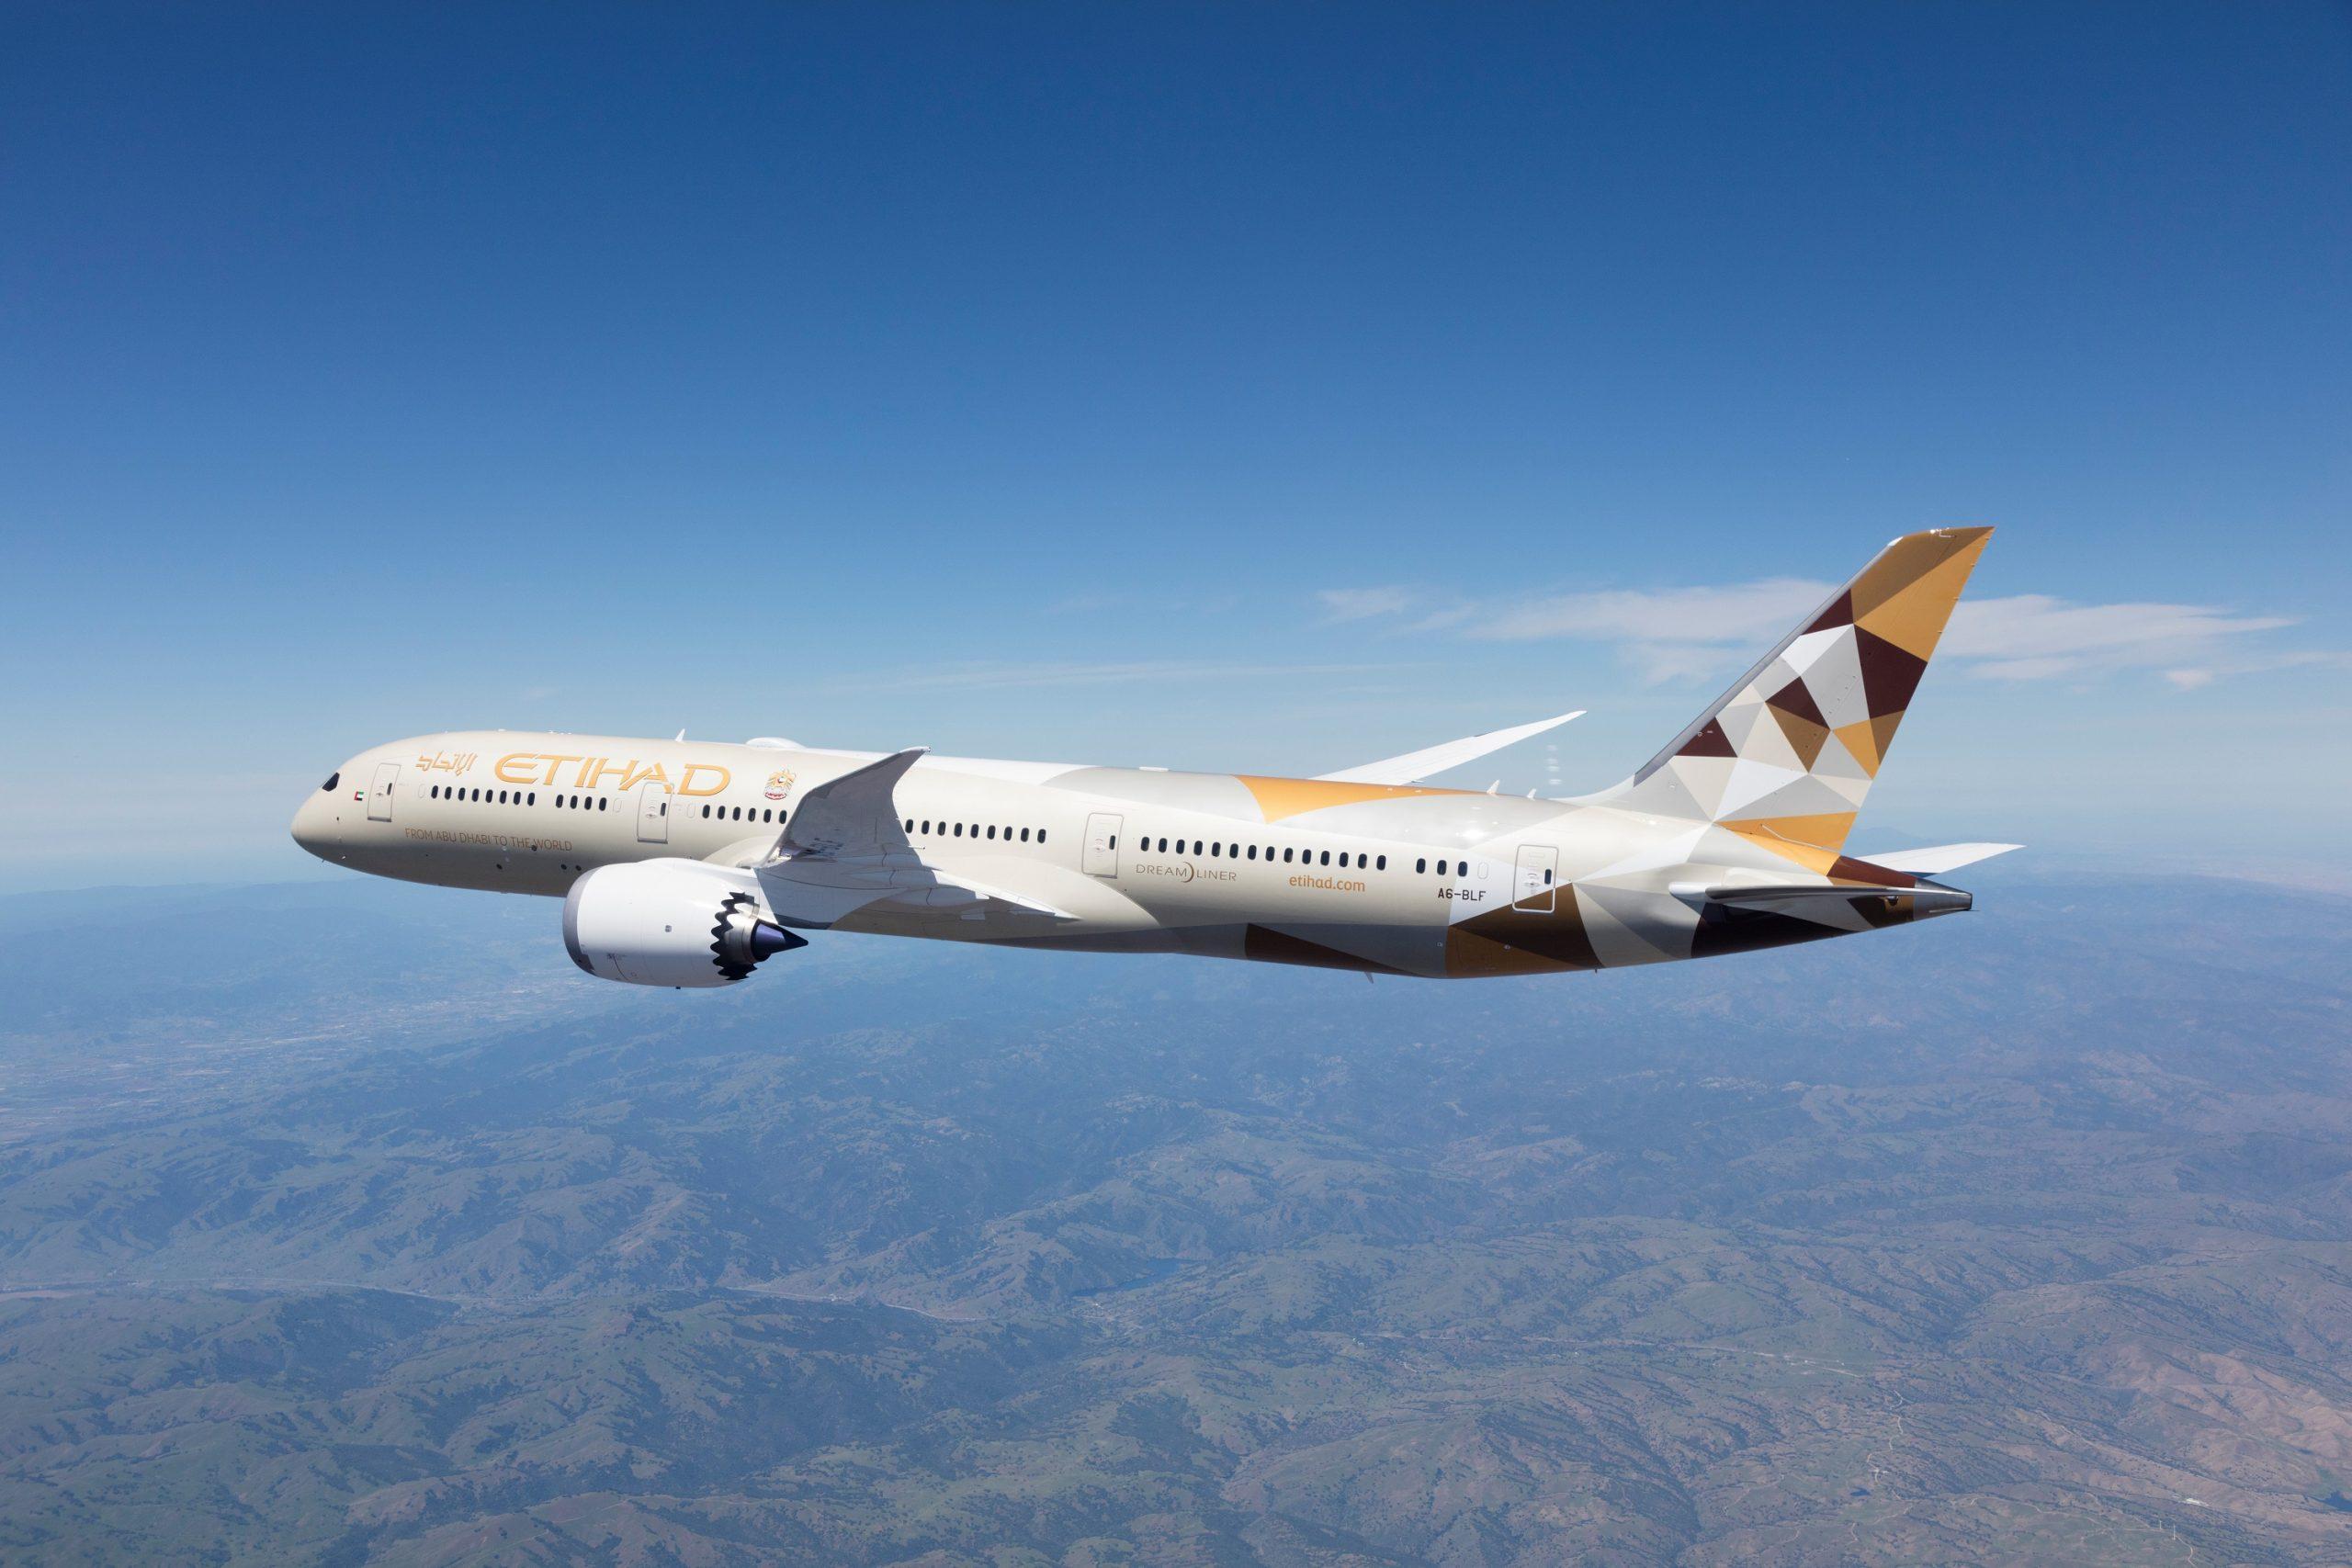 الاتحاد للطيرانتستأنف رحلاتها عبر شبكة وجهات أوسع بعد رفع الحظر الجوي في الإمارات العربية المتحدة